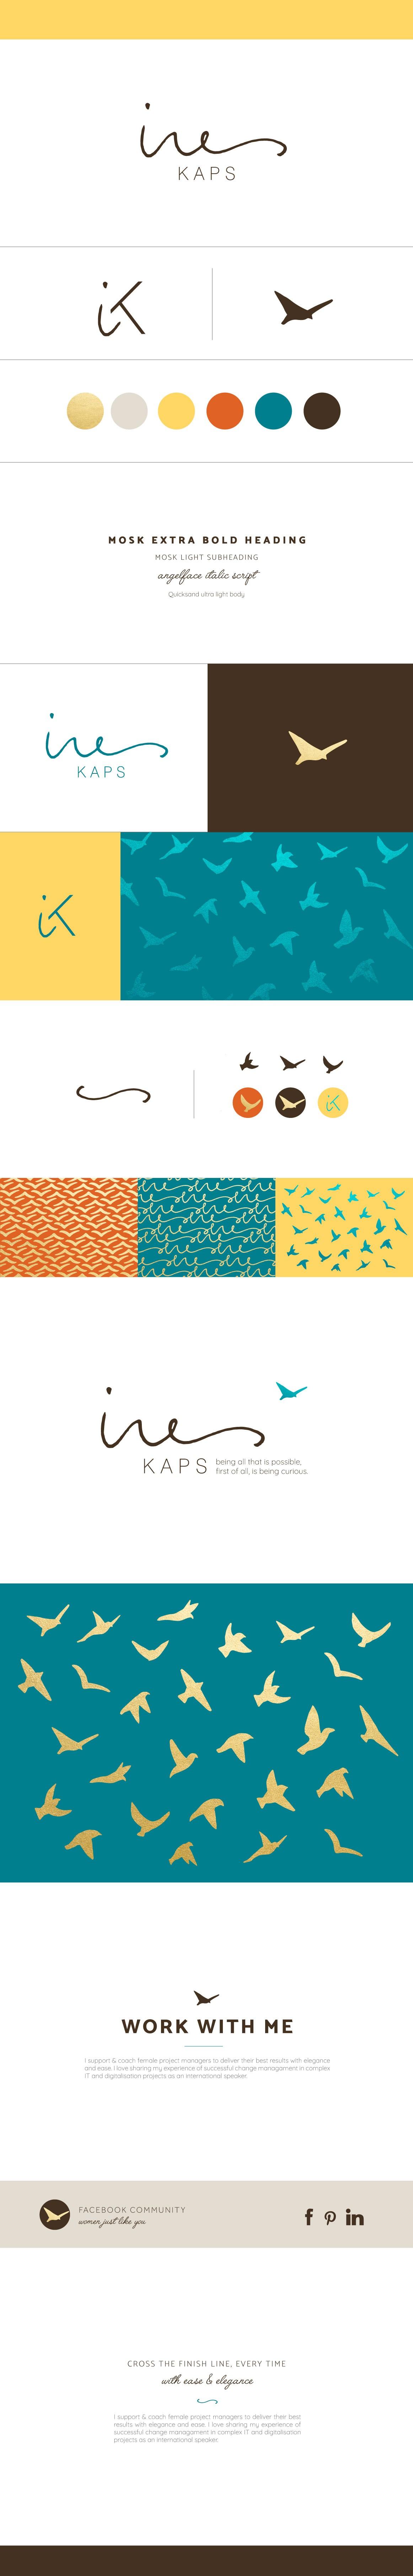 Ines Kaps